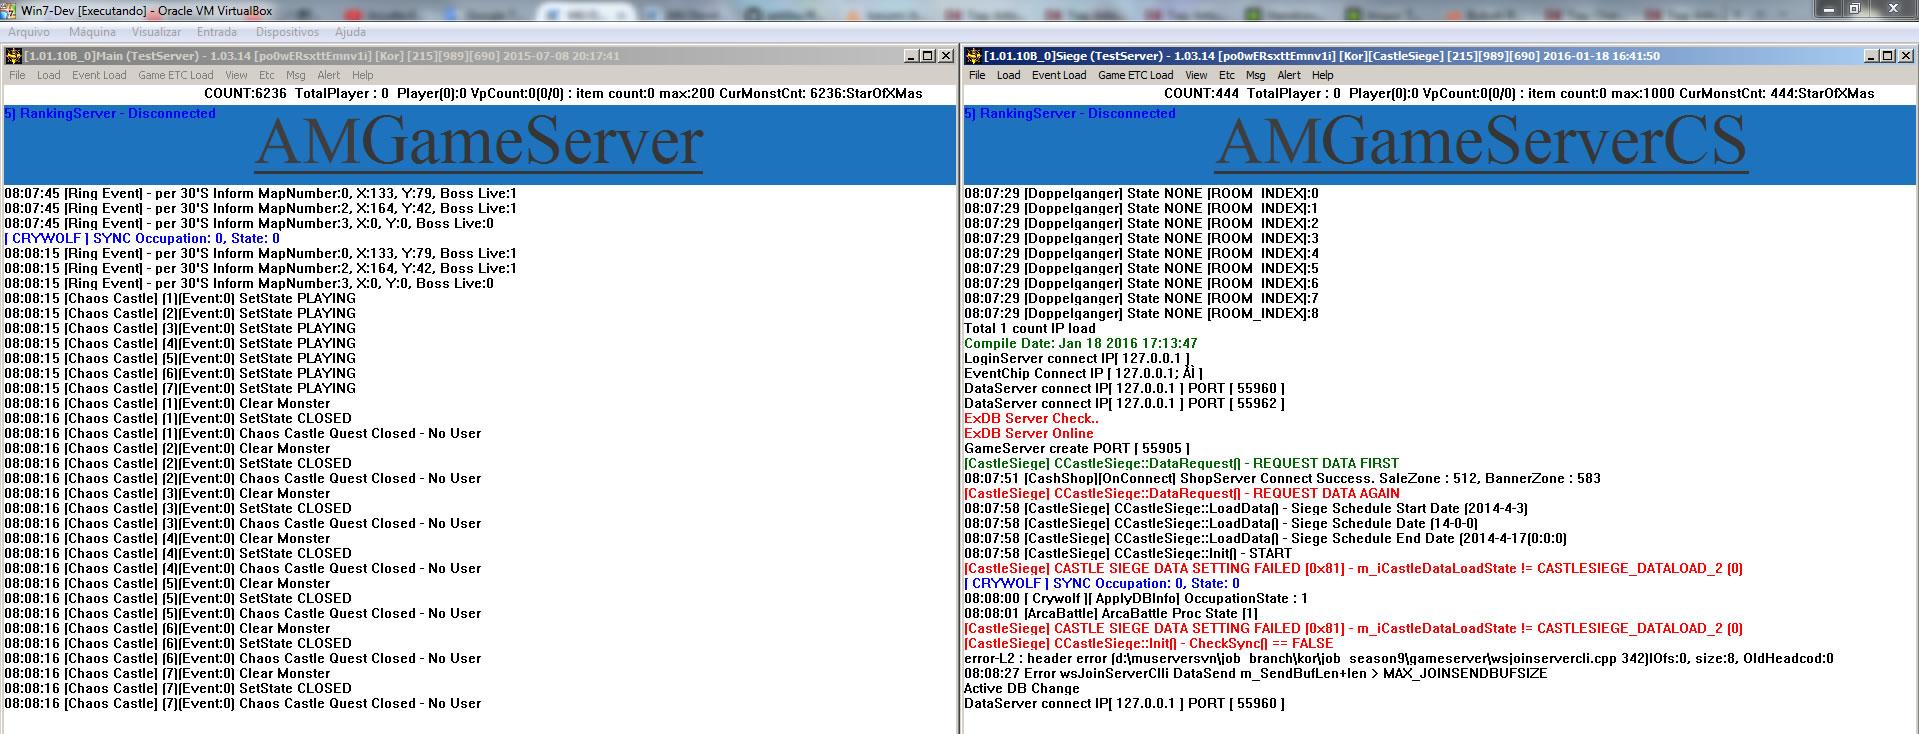 MuServer incluso SourceCode Season 9 x901 completo - Artigo atualizado de mu online, como criar servidor de mu online pirata season 9 atualizado, 2019 servidor de mu online, participe do discord da galera MU. By : Webzen, Ashlay, NanoGuy, DarkHaziel, aprendiz mu online